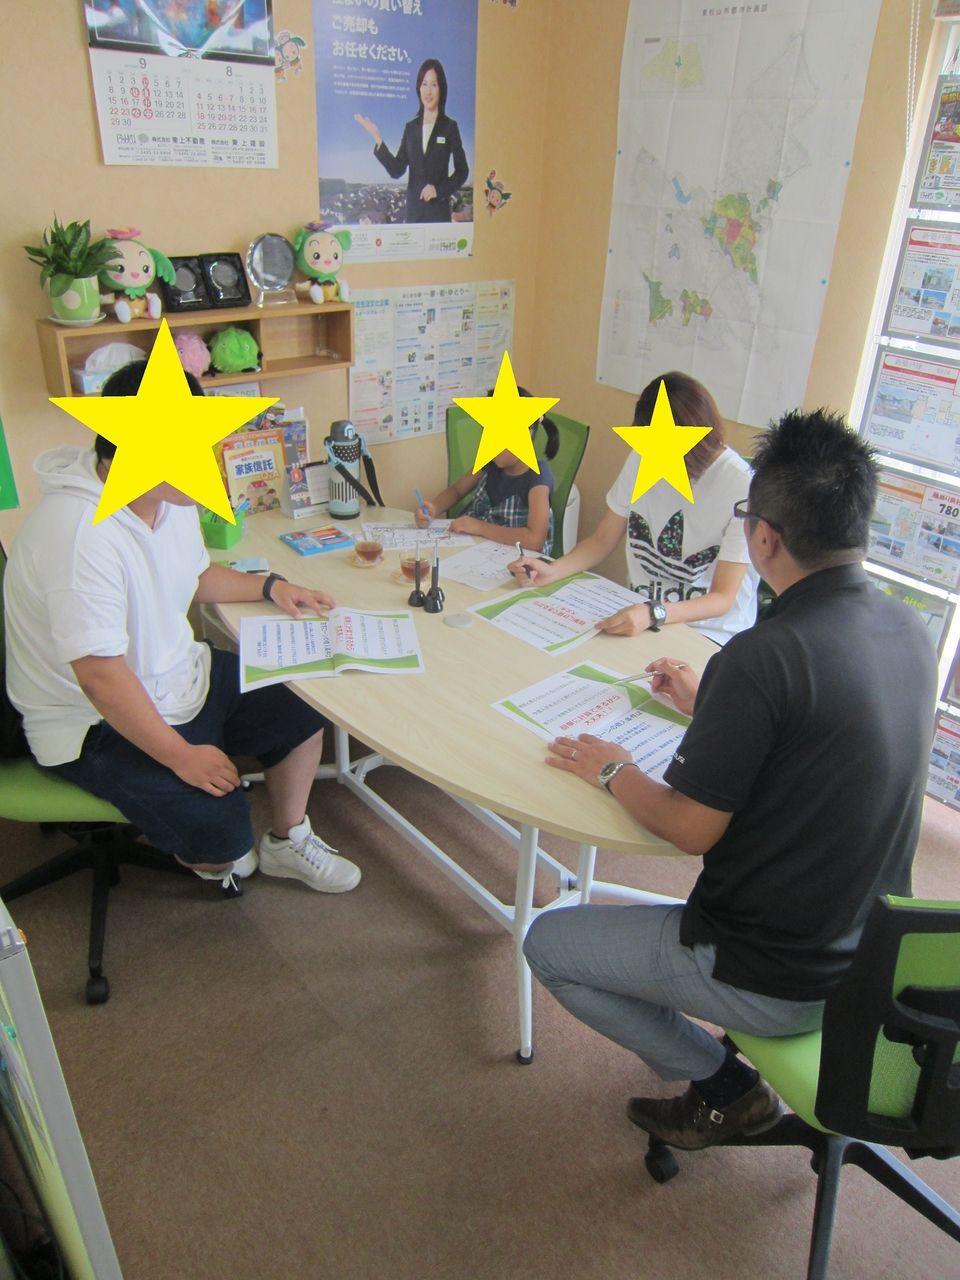 8/24土住宅ローンセミナー開催しましたよ~!【黒板】\_( ゚ロ゚)ここ重要。メモょ!!メモ! !